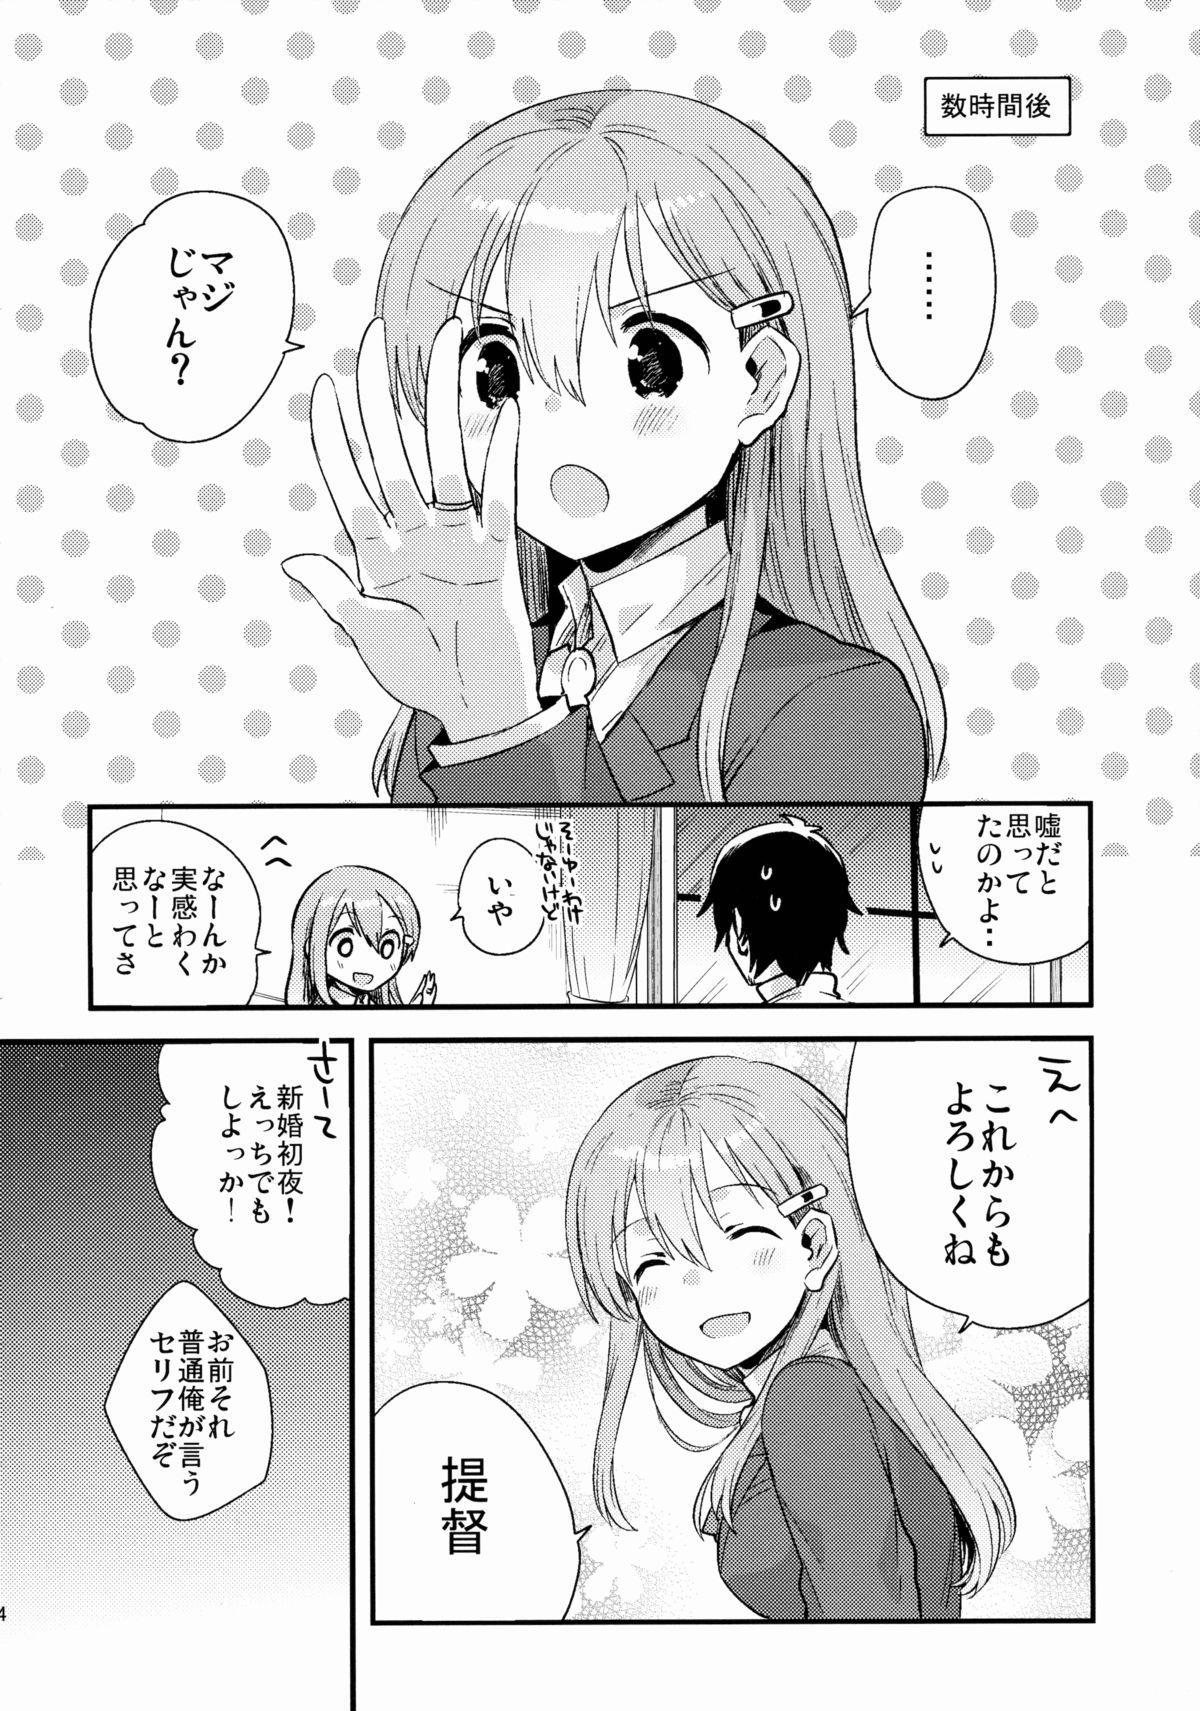 Teitoku, Suzuya to Tsukiawanai? 22